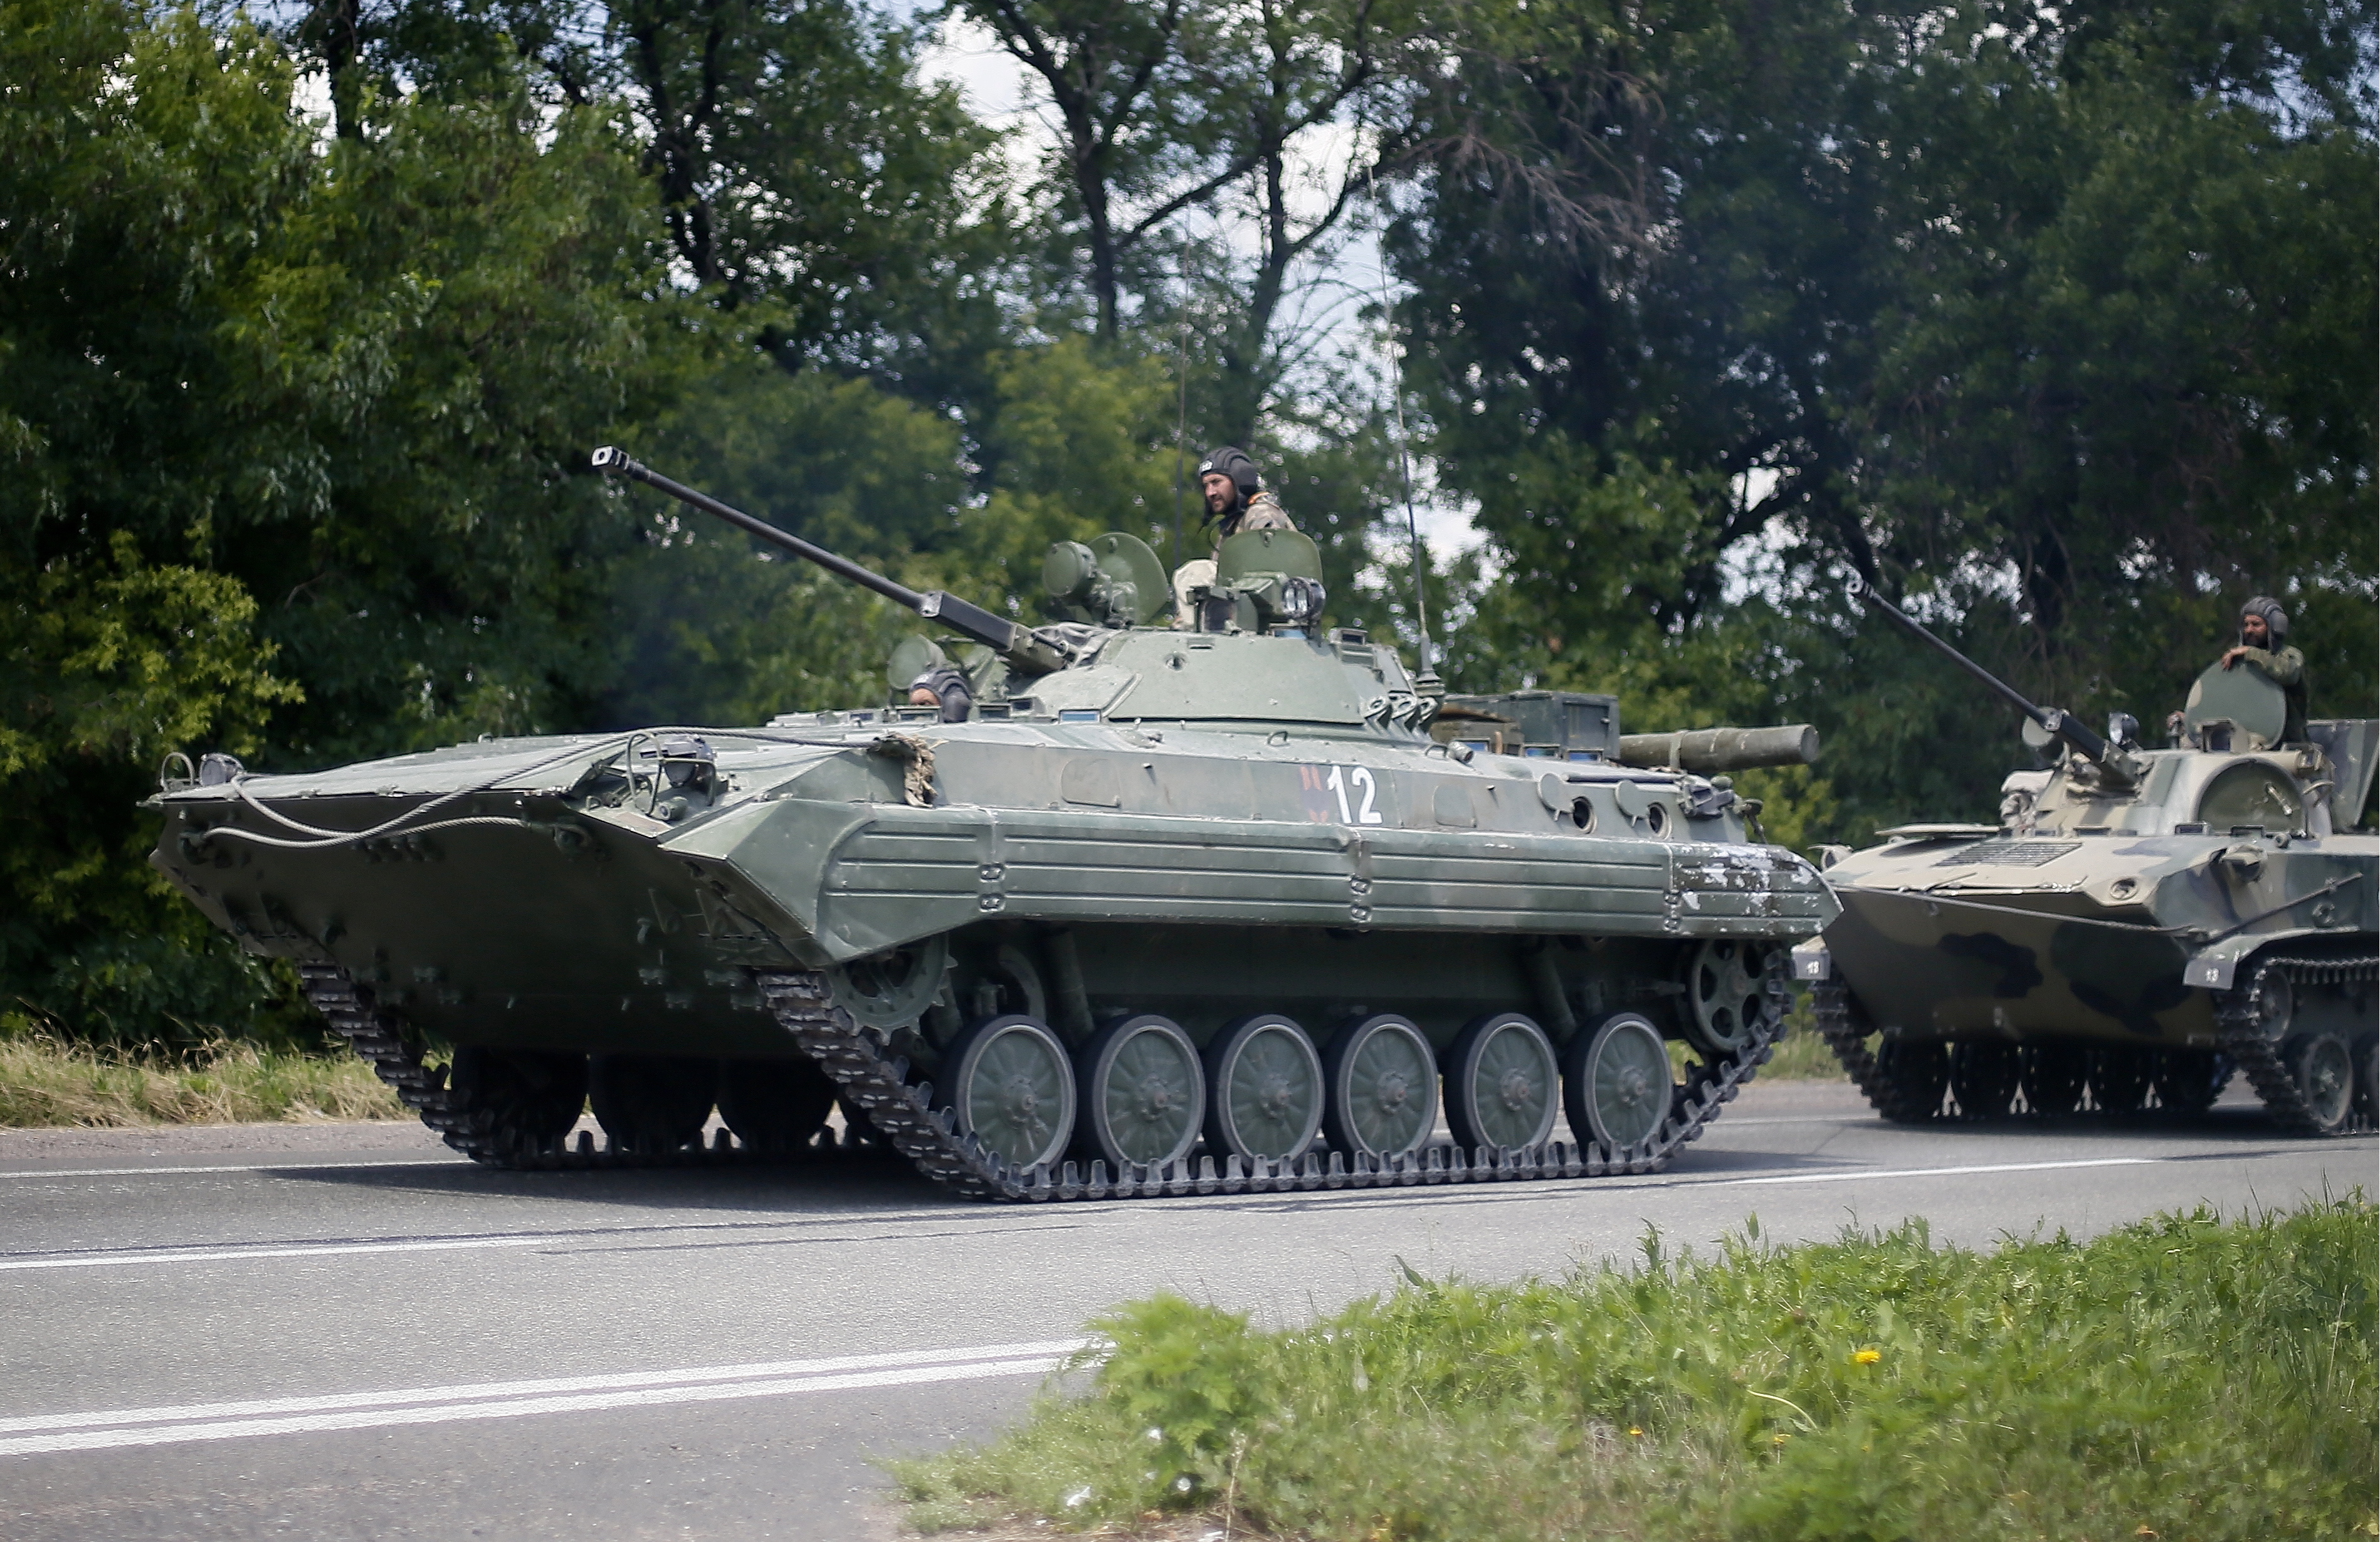 Колонна военной техники народного ополчения Донбасса